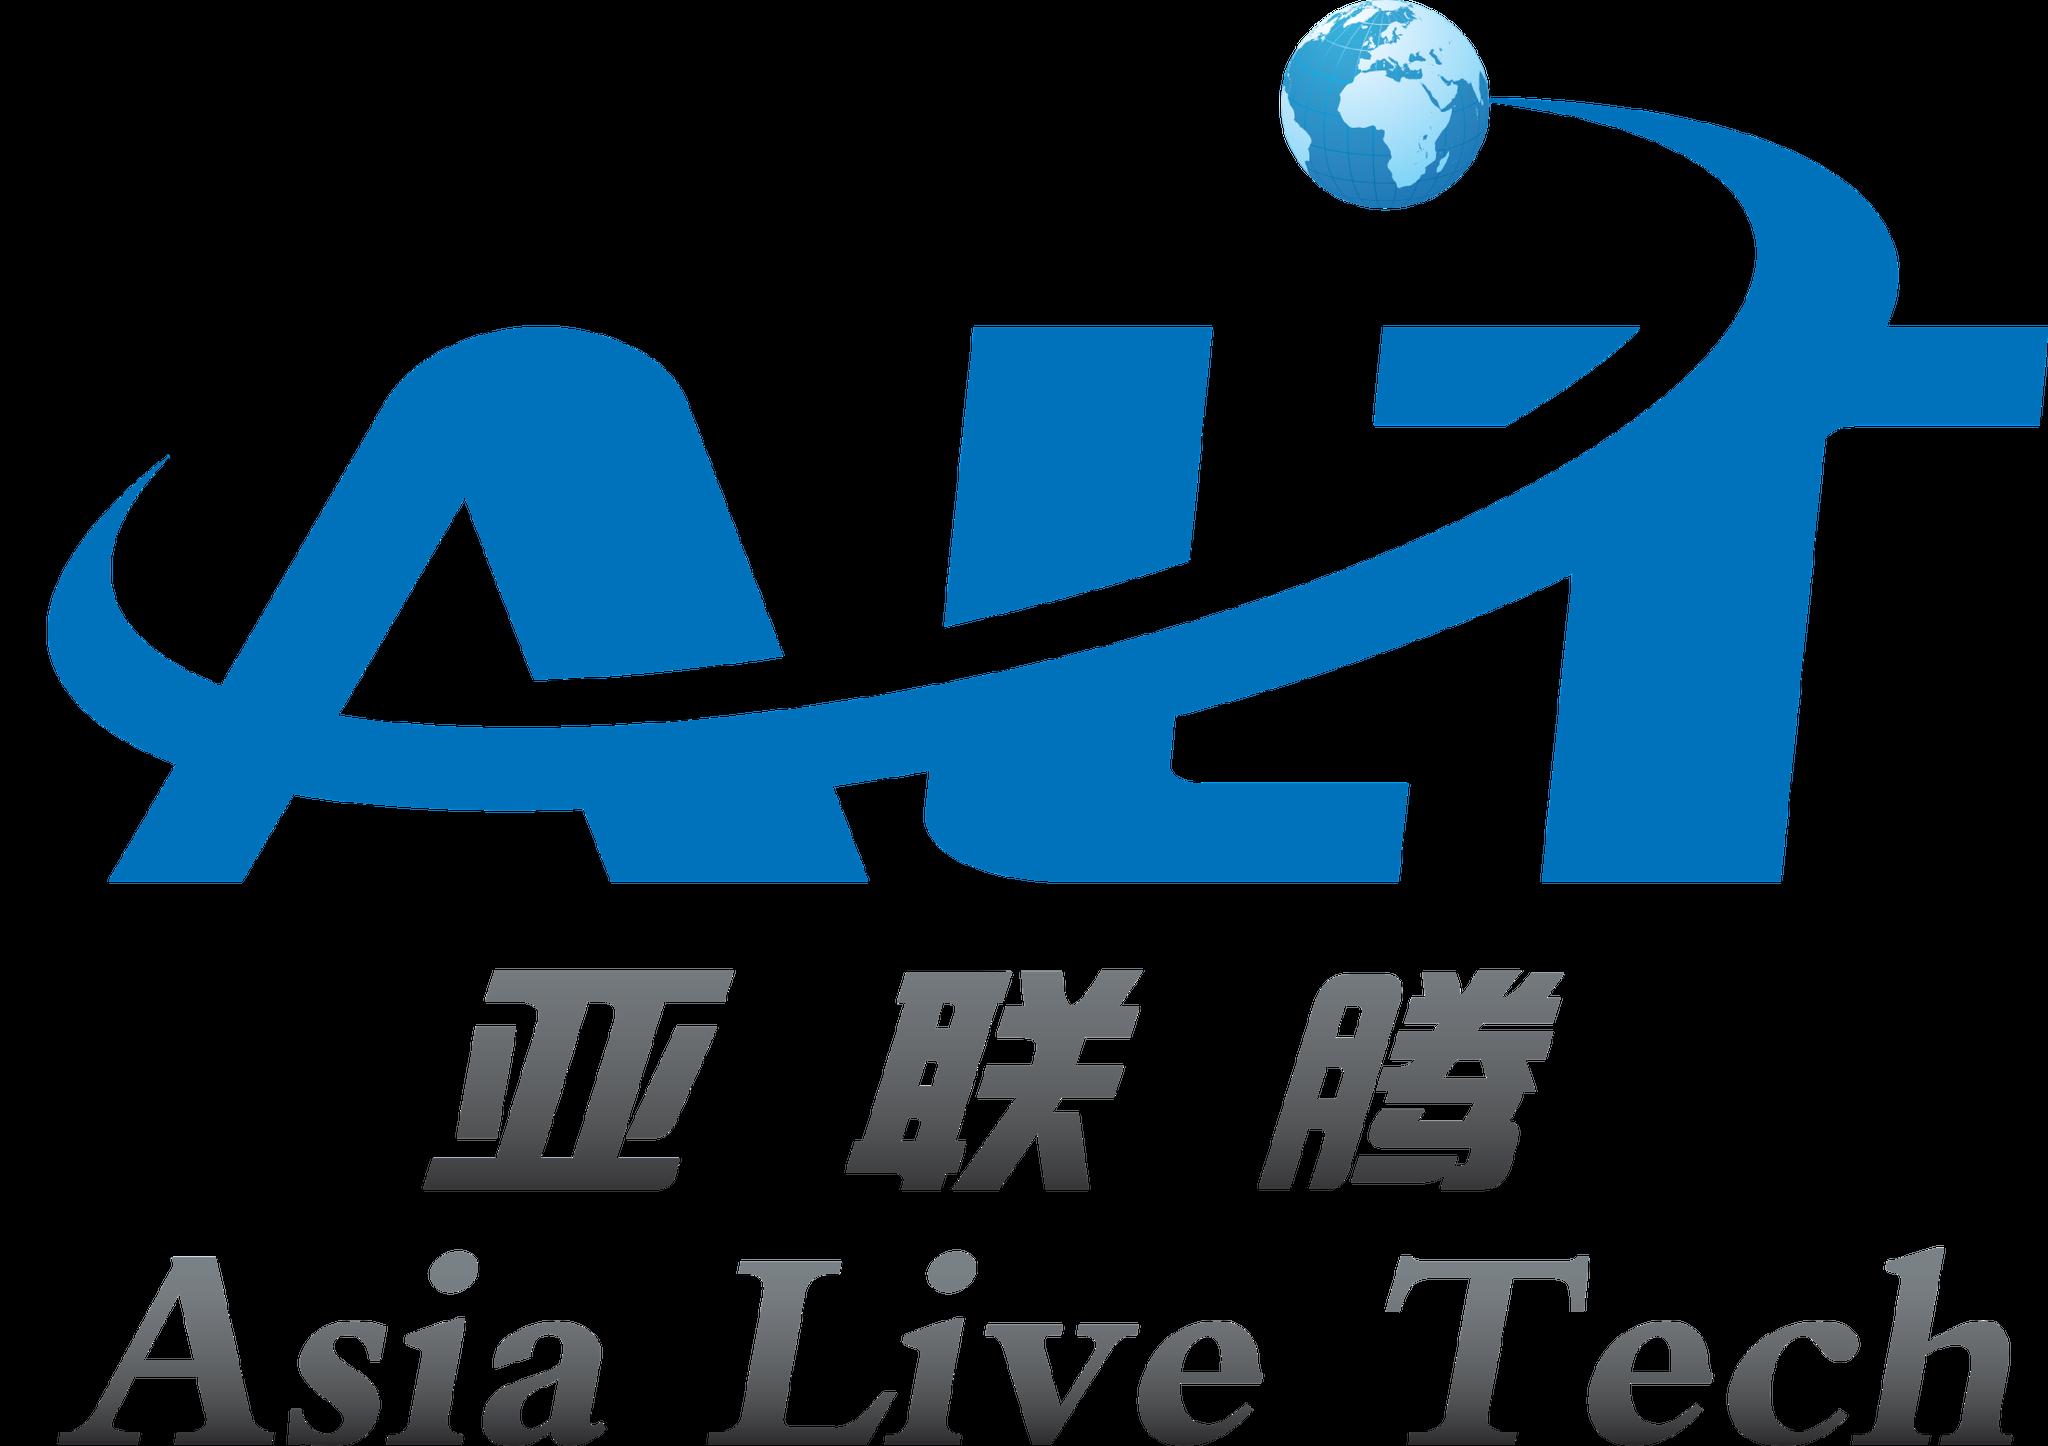 Asia Live Tech Casino Software